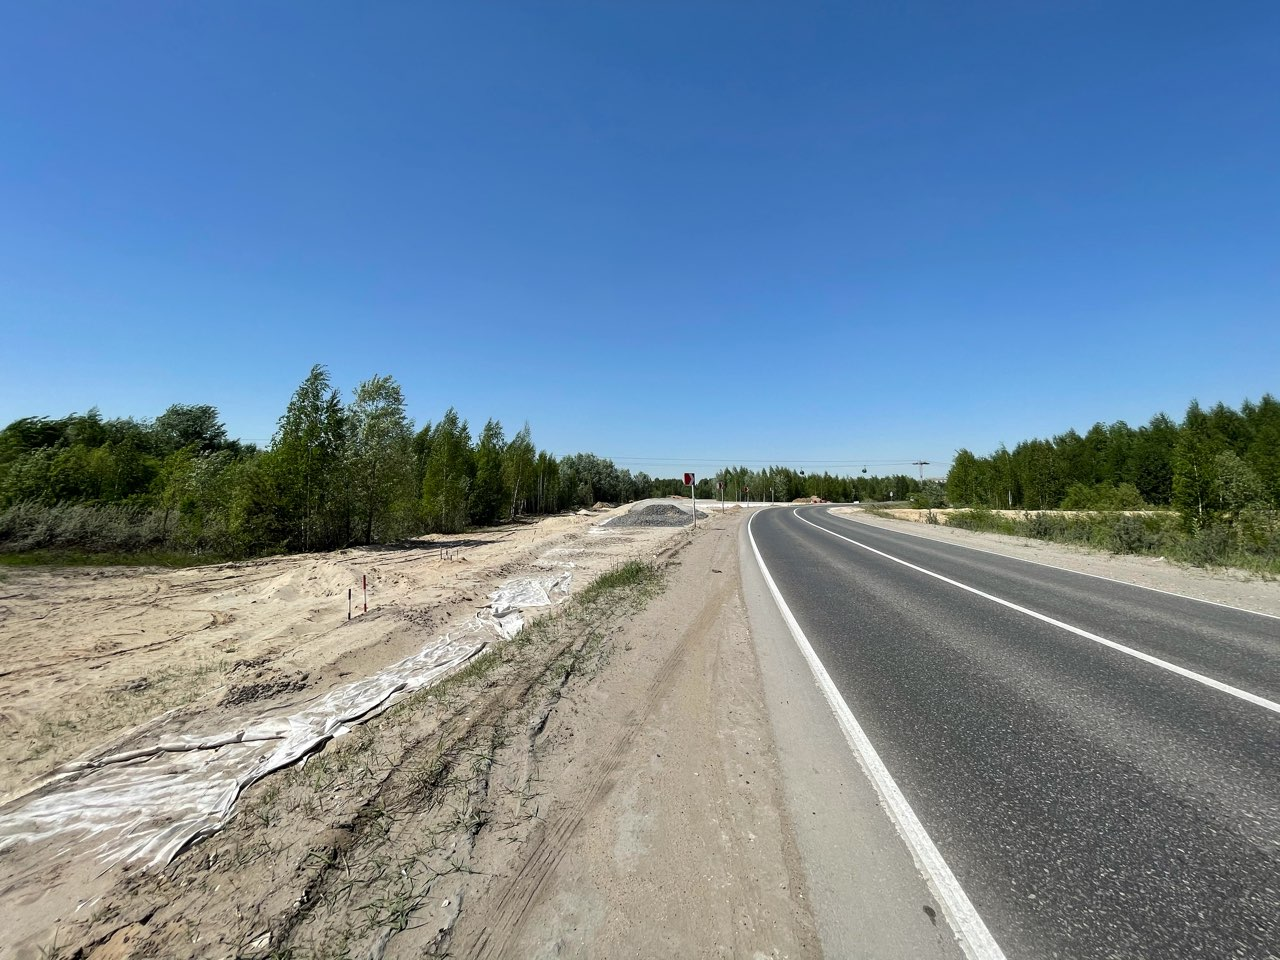 I и III этапы Южного обхода Нижнего Новгорода готовы на 40% - фото 1